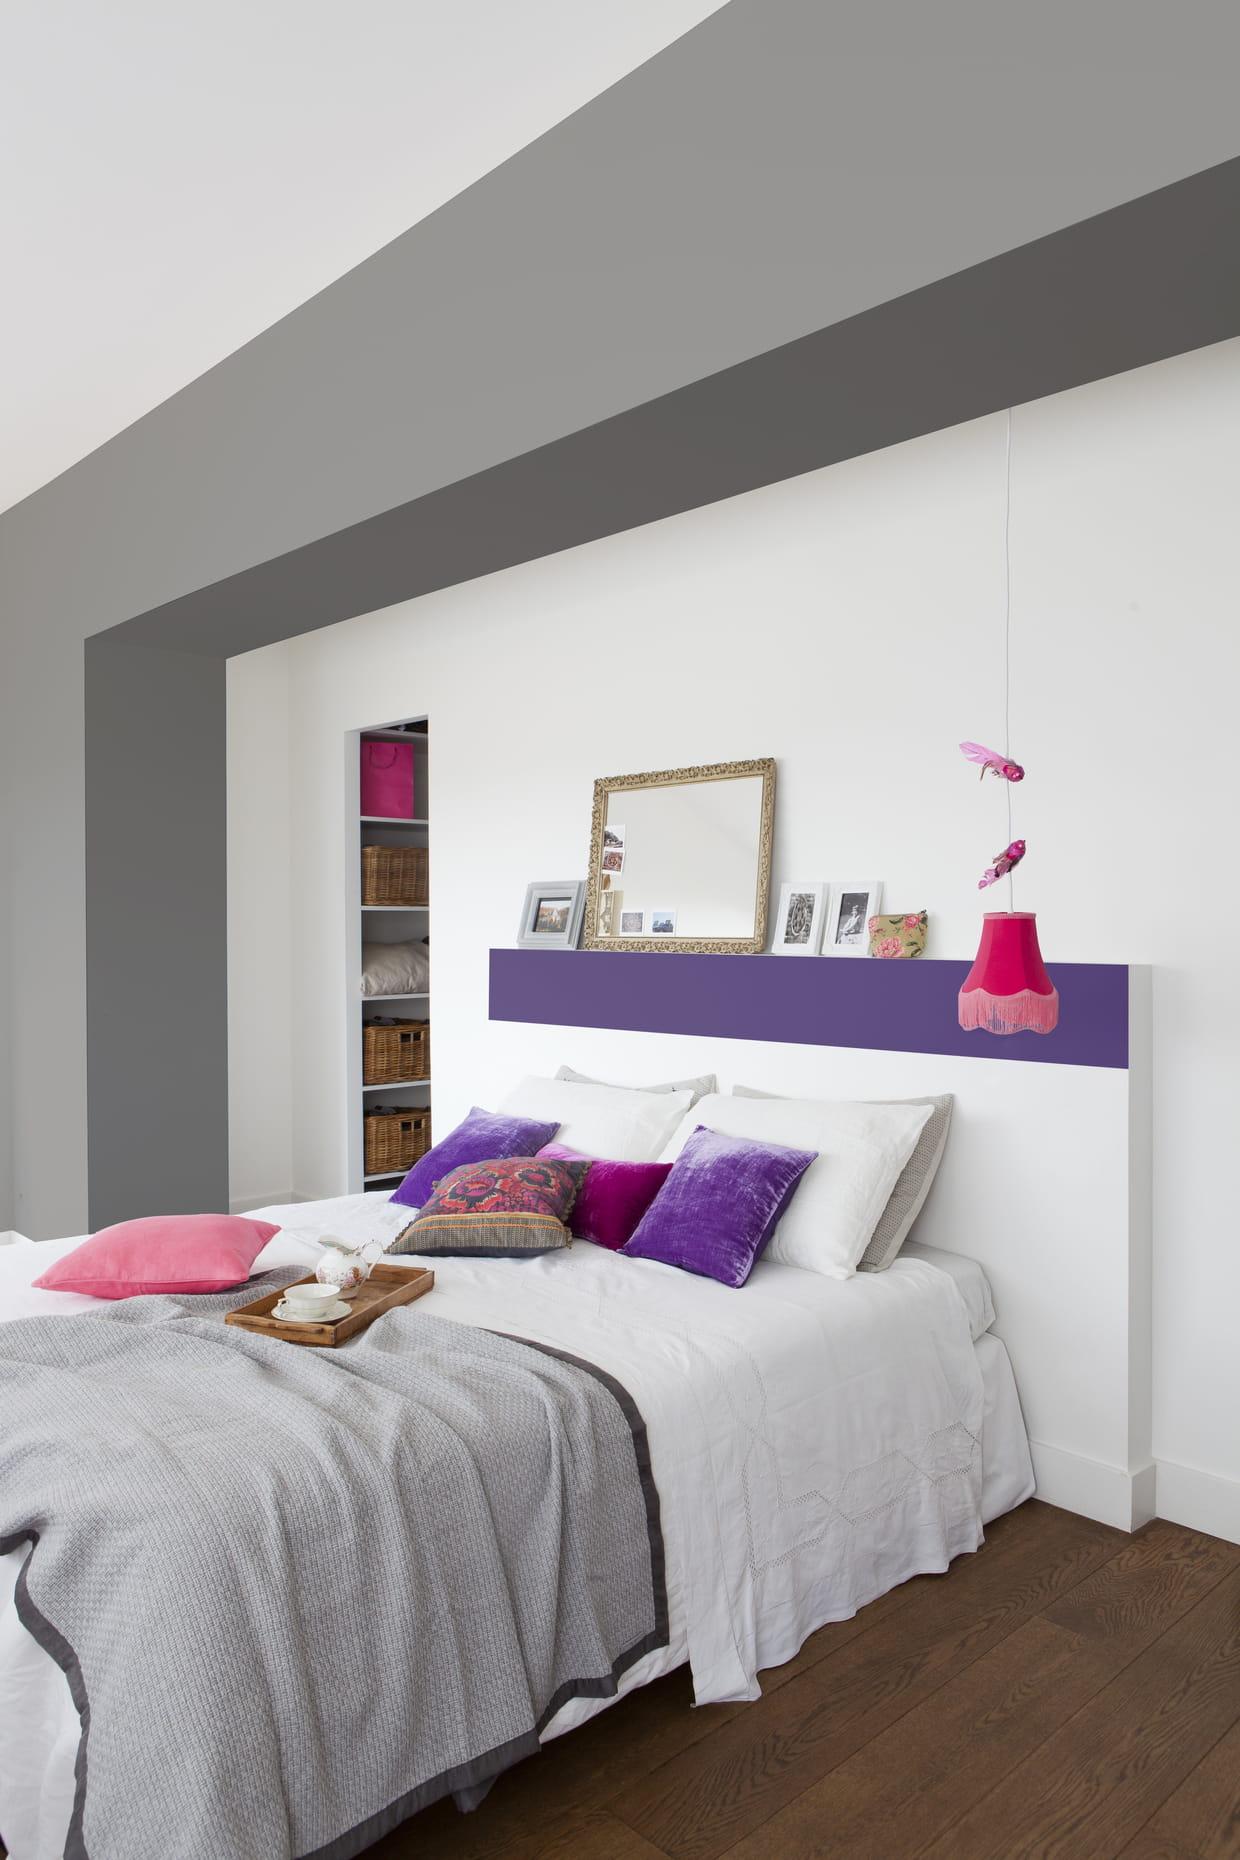 peintures mutli supports colorissim par v33. Black Bedroom Furniture Sets. Home Design Ideas